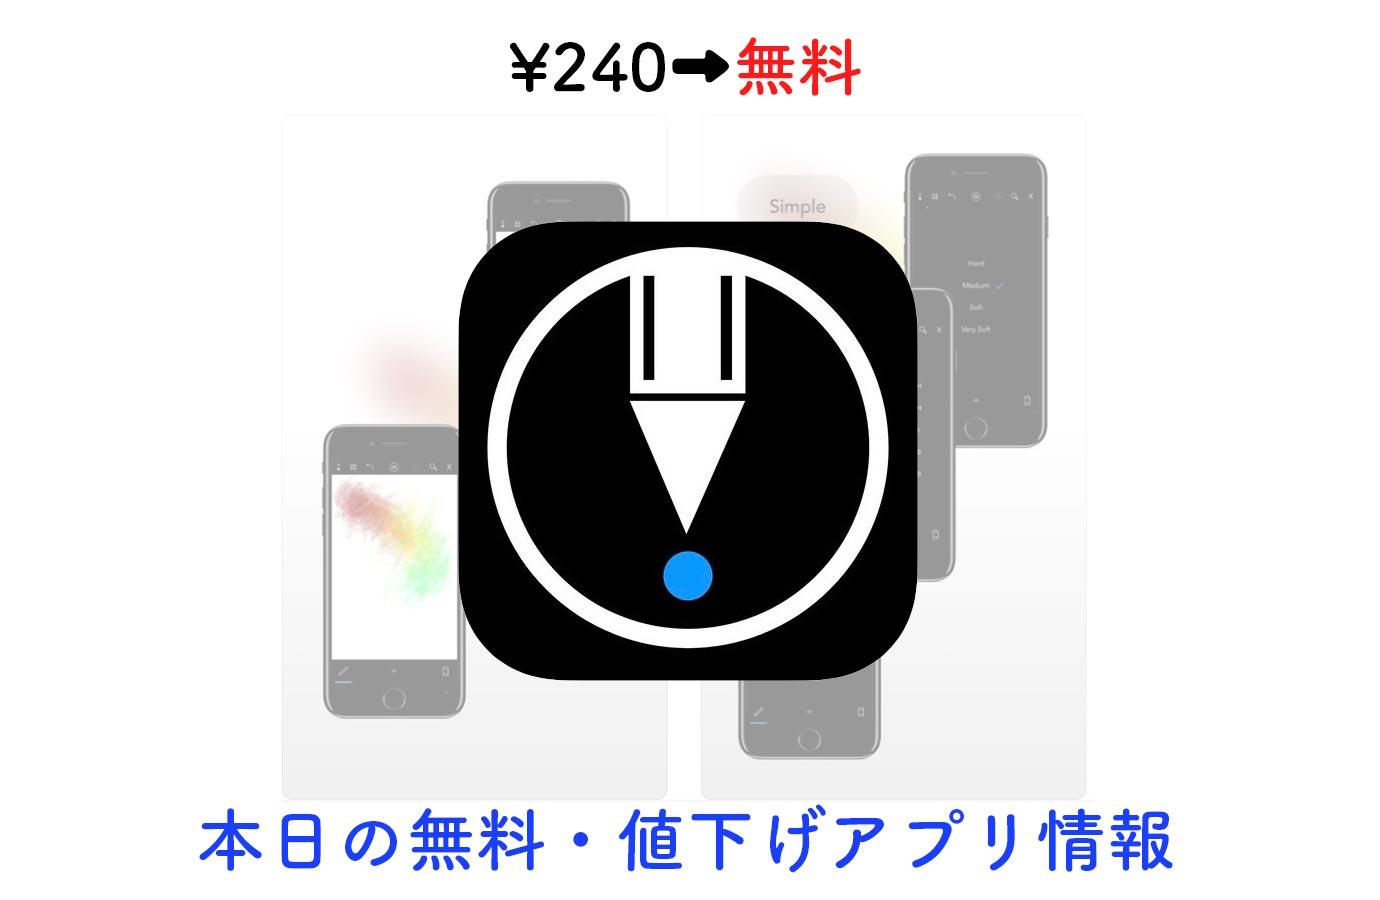 240円→無料、スケッチアプリ「LetSketch」など【5/28】セールアプリ情報